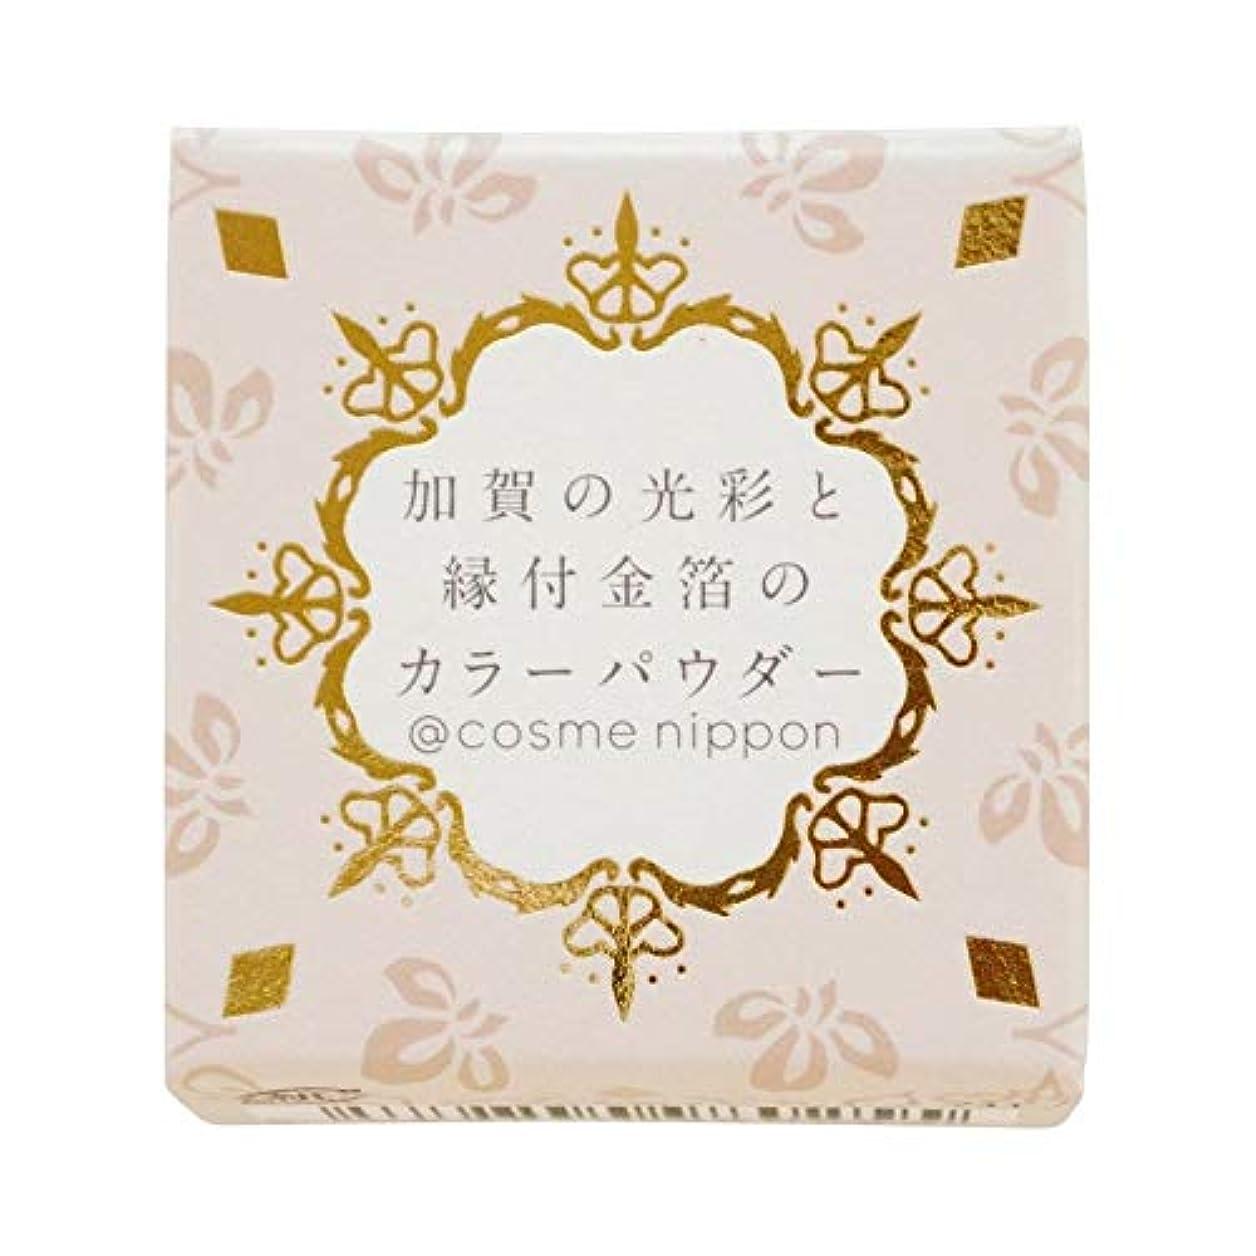 ジョイントめる不安友禅工芸 すずらん加賀の光彩と縁付け金箔のカラーパウダー01金色こんじき